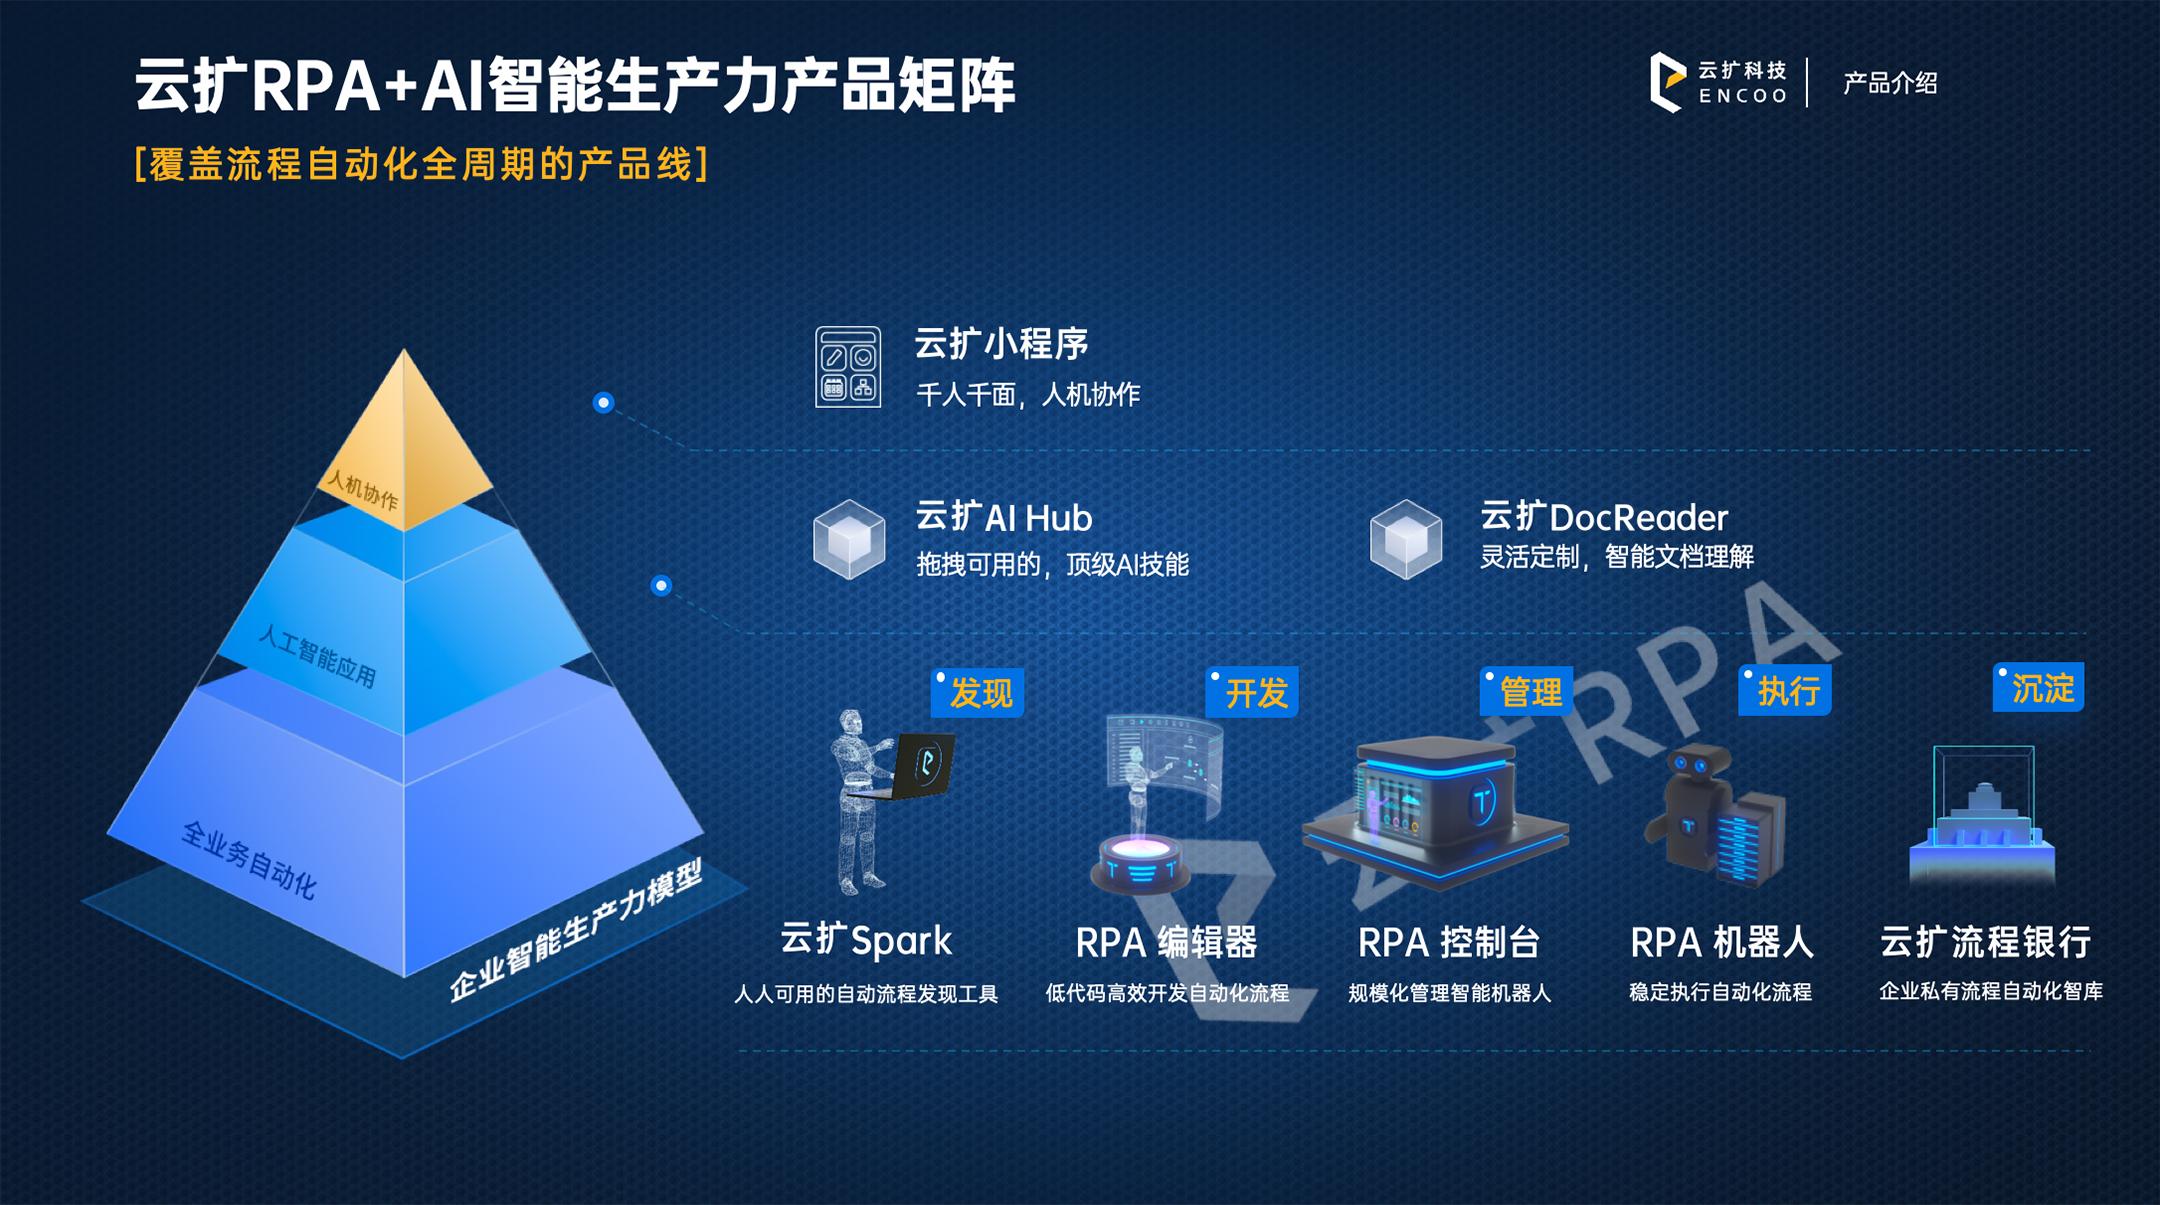 百亿美元市场方兴未艾,RPA在中国如何破局致胜?   云扩科技CEO刘春刚专访